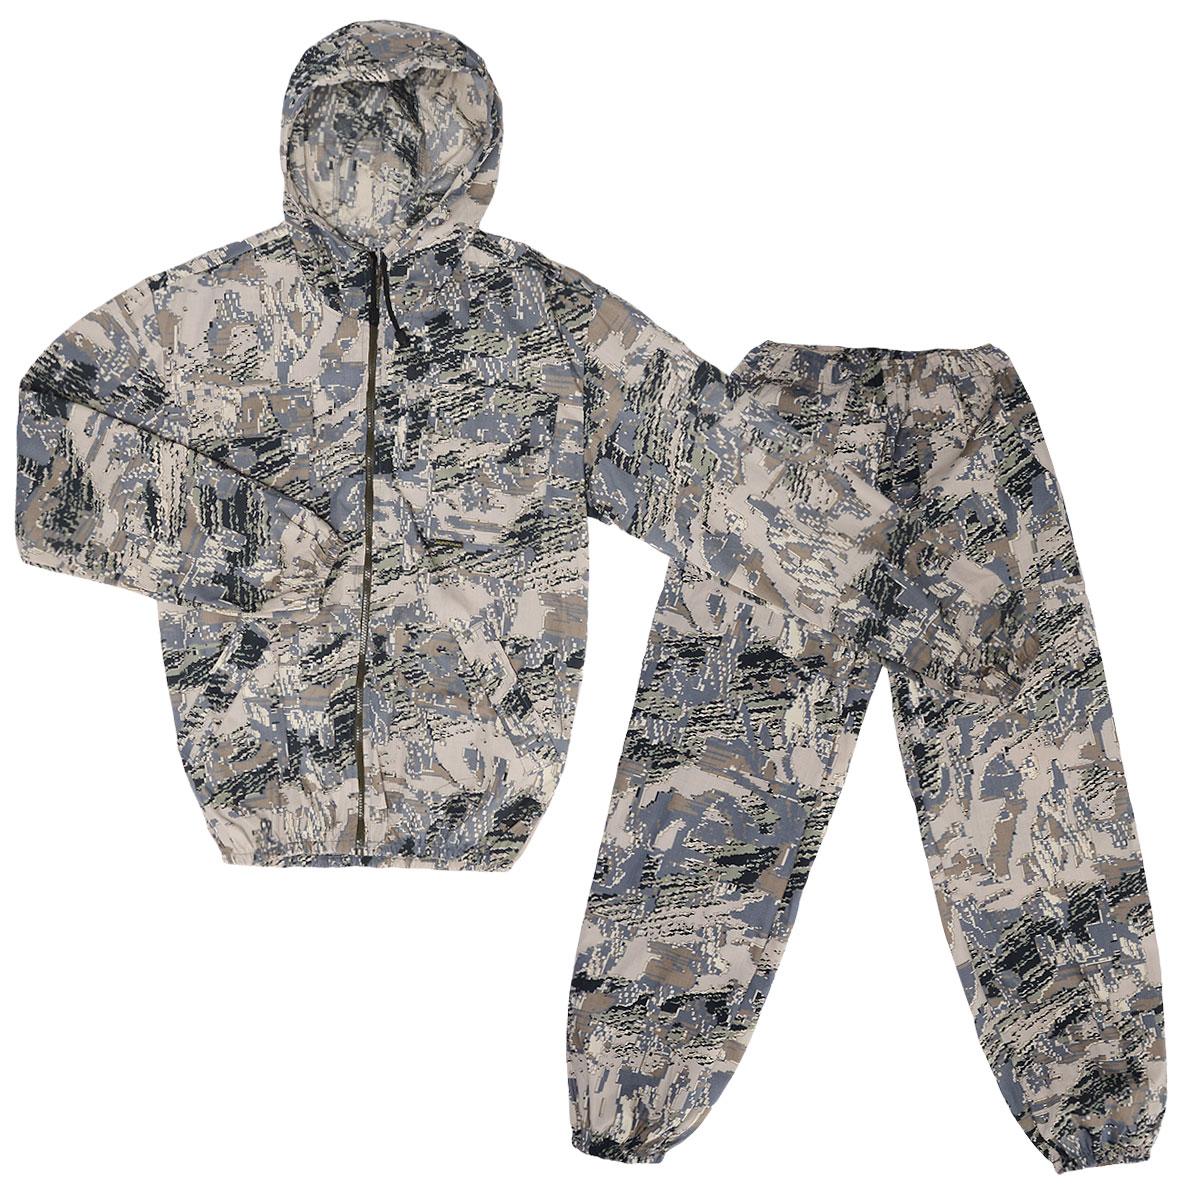 VST-LОтличный легкий летний костюм, аналог Снайпера, используется весной и летом-жаркую погоду, для любого отдыха на природе, в том числе активного, от +12 до 25 град. С. Прочная ткань с хлопком, дышит в жару, полиэстер дает прочность. Особенности модели: - куртка на молнии с капюшоном; - низ куртки и рукава на резинке; - два накладных кармана-с клапанами на груди, застегиваются на липучку, два боковых- прорезных с листочками; - на левом рукаве накладной карман с клапаном, застегивается на липучку; - брюки широкие по низу и талии стягиваются резинкой; - функциональные объемные карманы выше колена; - маскировочные цвета, легкая, прочная, дышащая ткань.